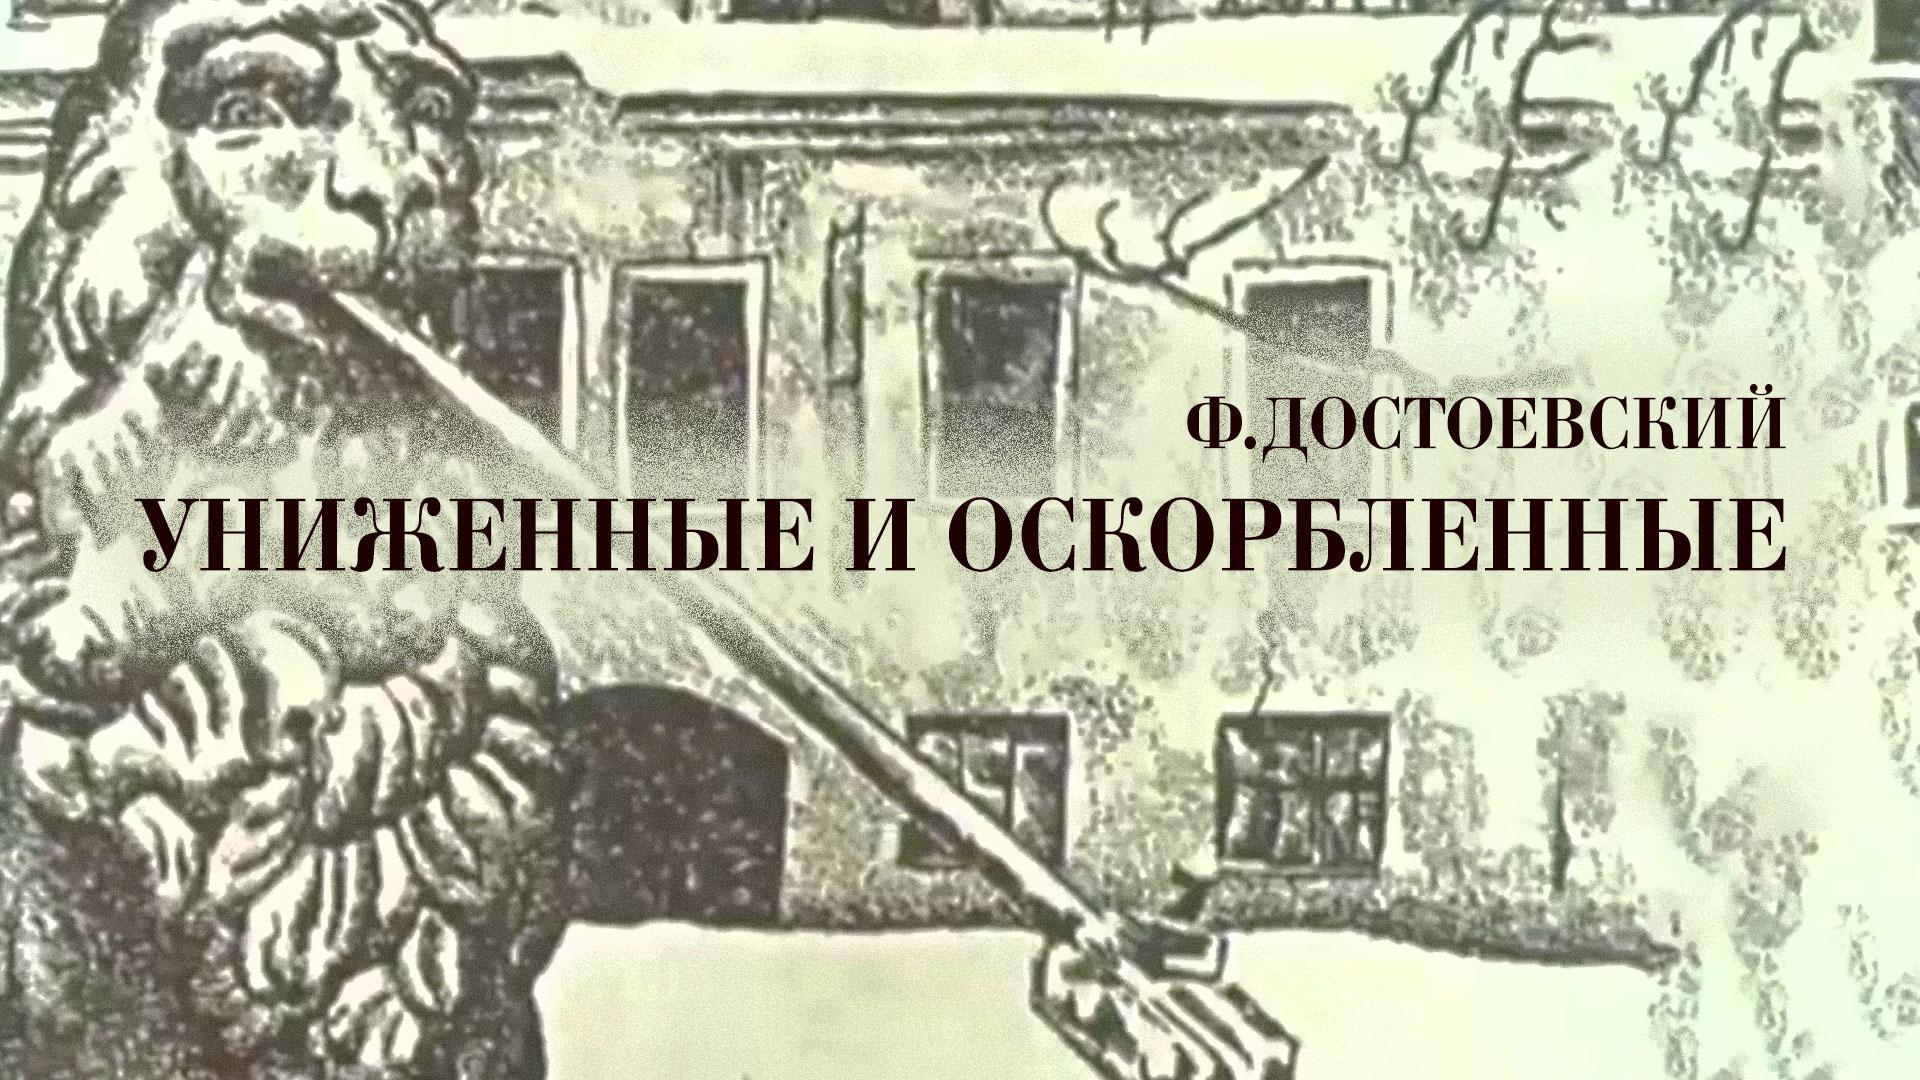 Ф.Достоевский. Униженные и оскорбленные. Малый театр